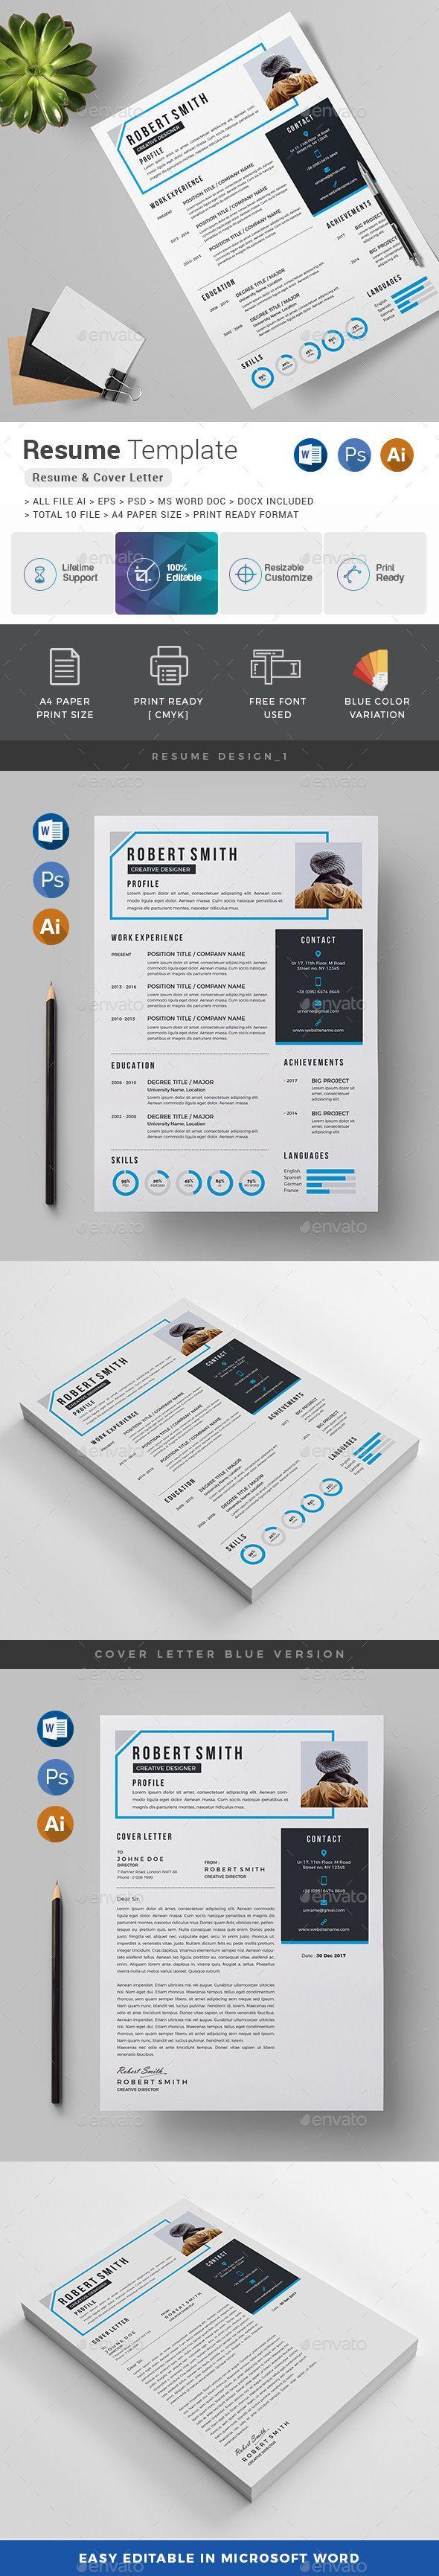 Resume / CV Best resume template, Resume cv, Resume